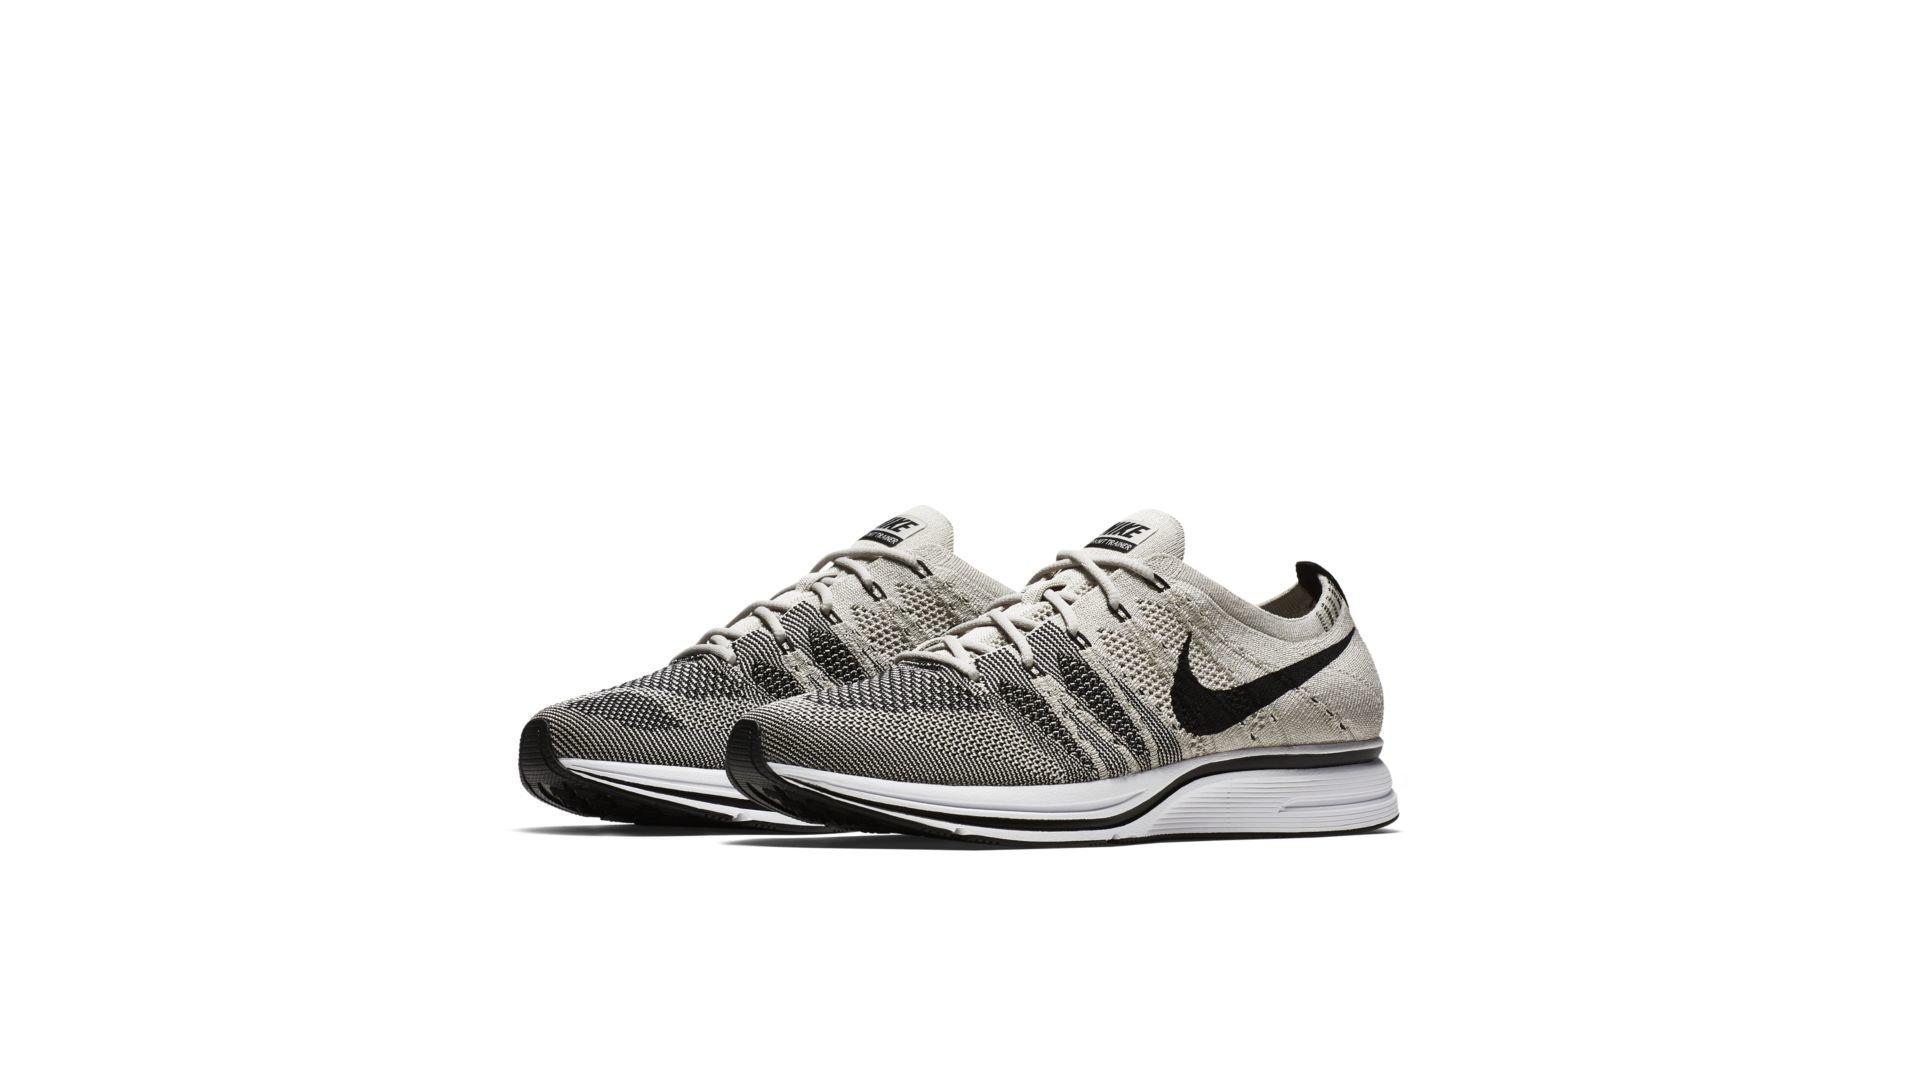 Nike Flyknit Trainer Pale Grey (AH8396-001)